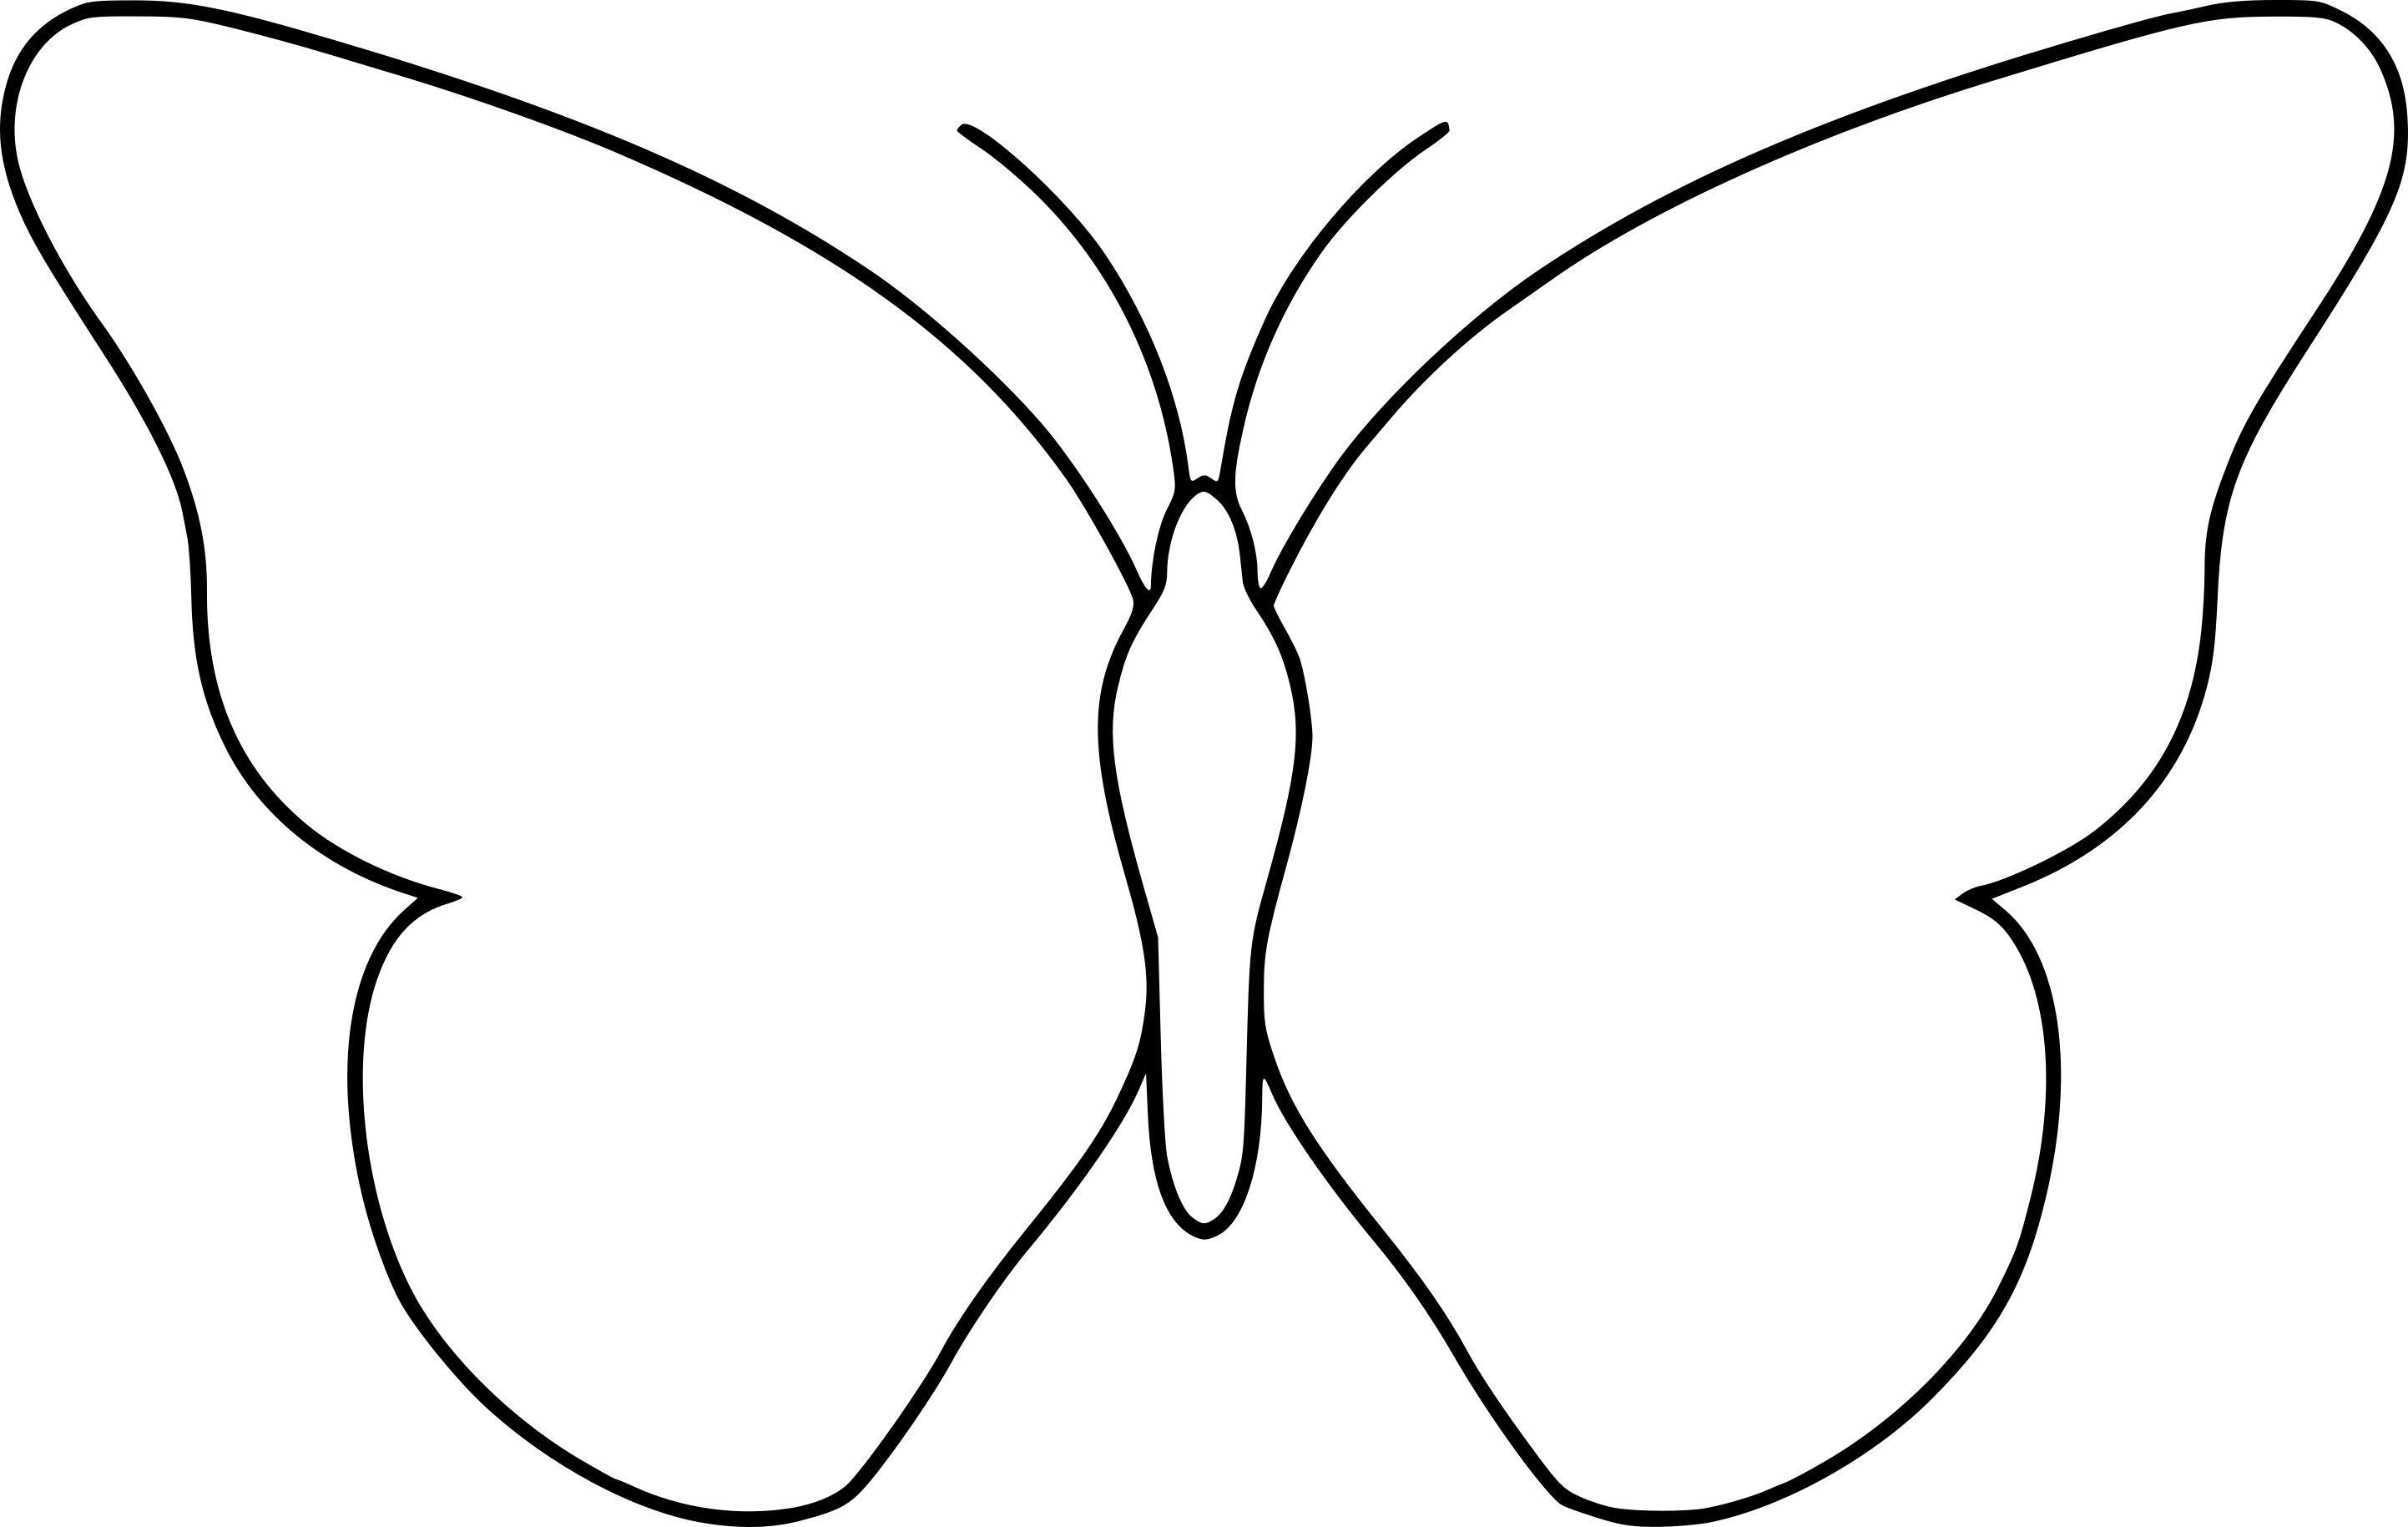 Coloriage Papillon Simple A Imprimer Sur Coloriages Destines A